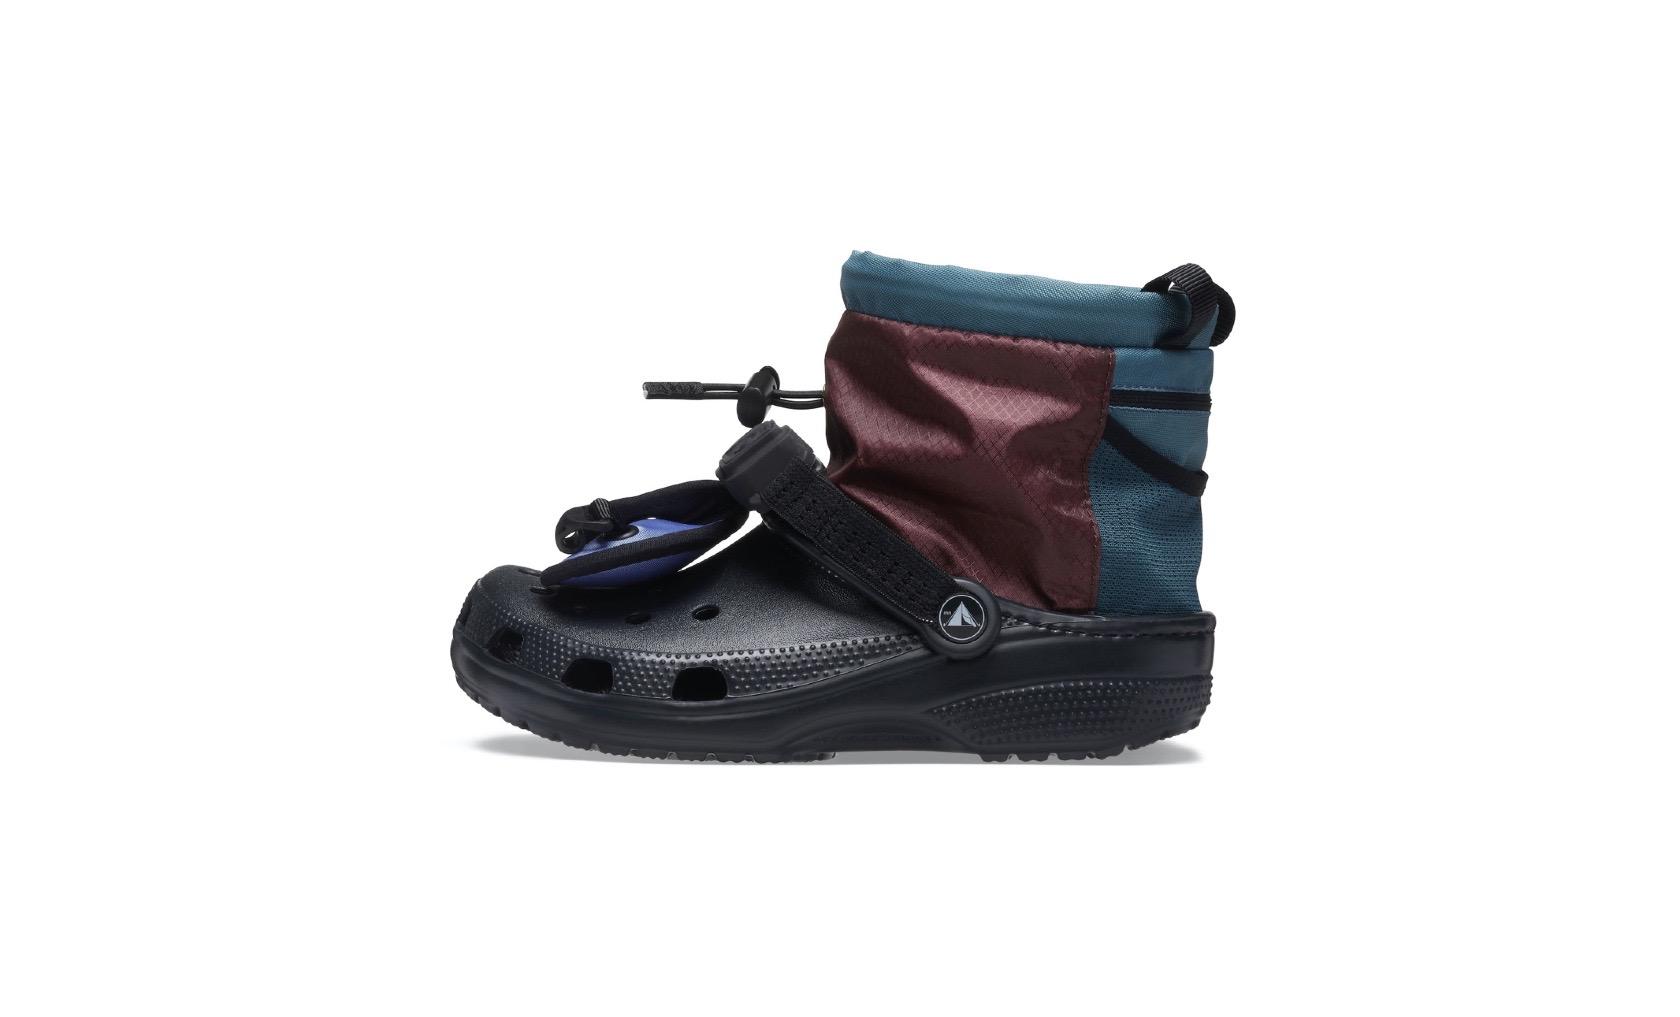 crocs、登山やキャンプでも使える新作シューズ NY拠点のデザイナーと初コラボ